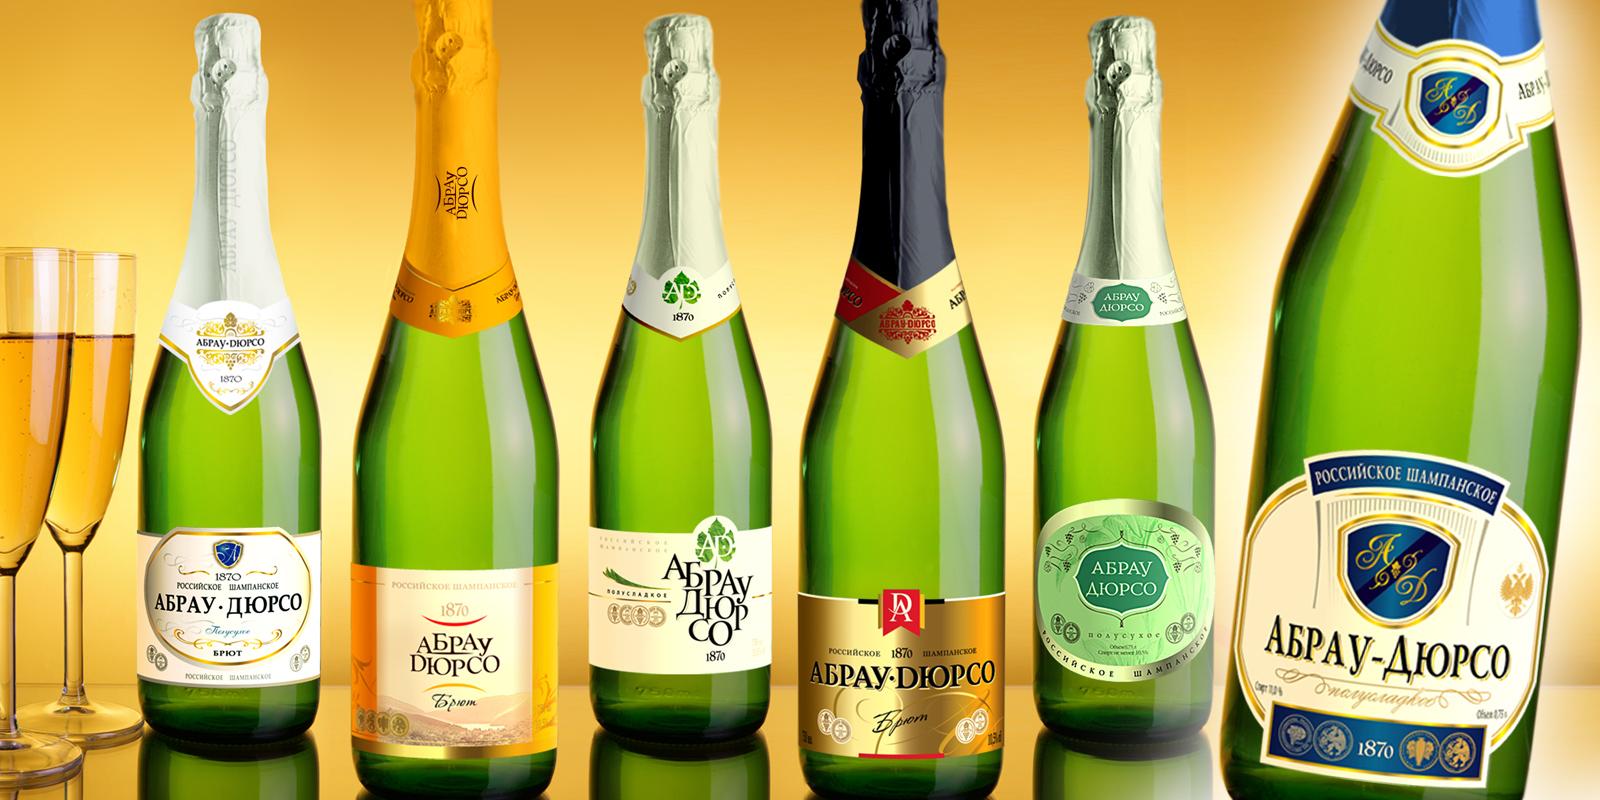 Завод шампанских вин «Абрау-Дюрсо»;;;;;;Разработка концепции дизайна линеек шампанского;;;;;;<span>Клиент:</span> Завод шампанских вин «Абрау-Дюрсо»;;;;;;;;;;;;Разработка концепции дизайна линеек шампанского;;;;;;2